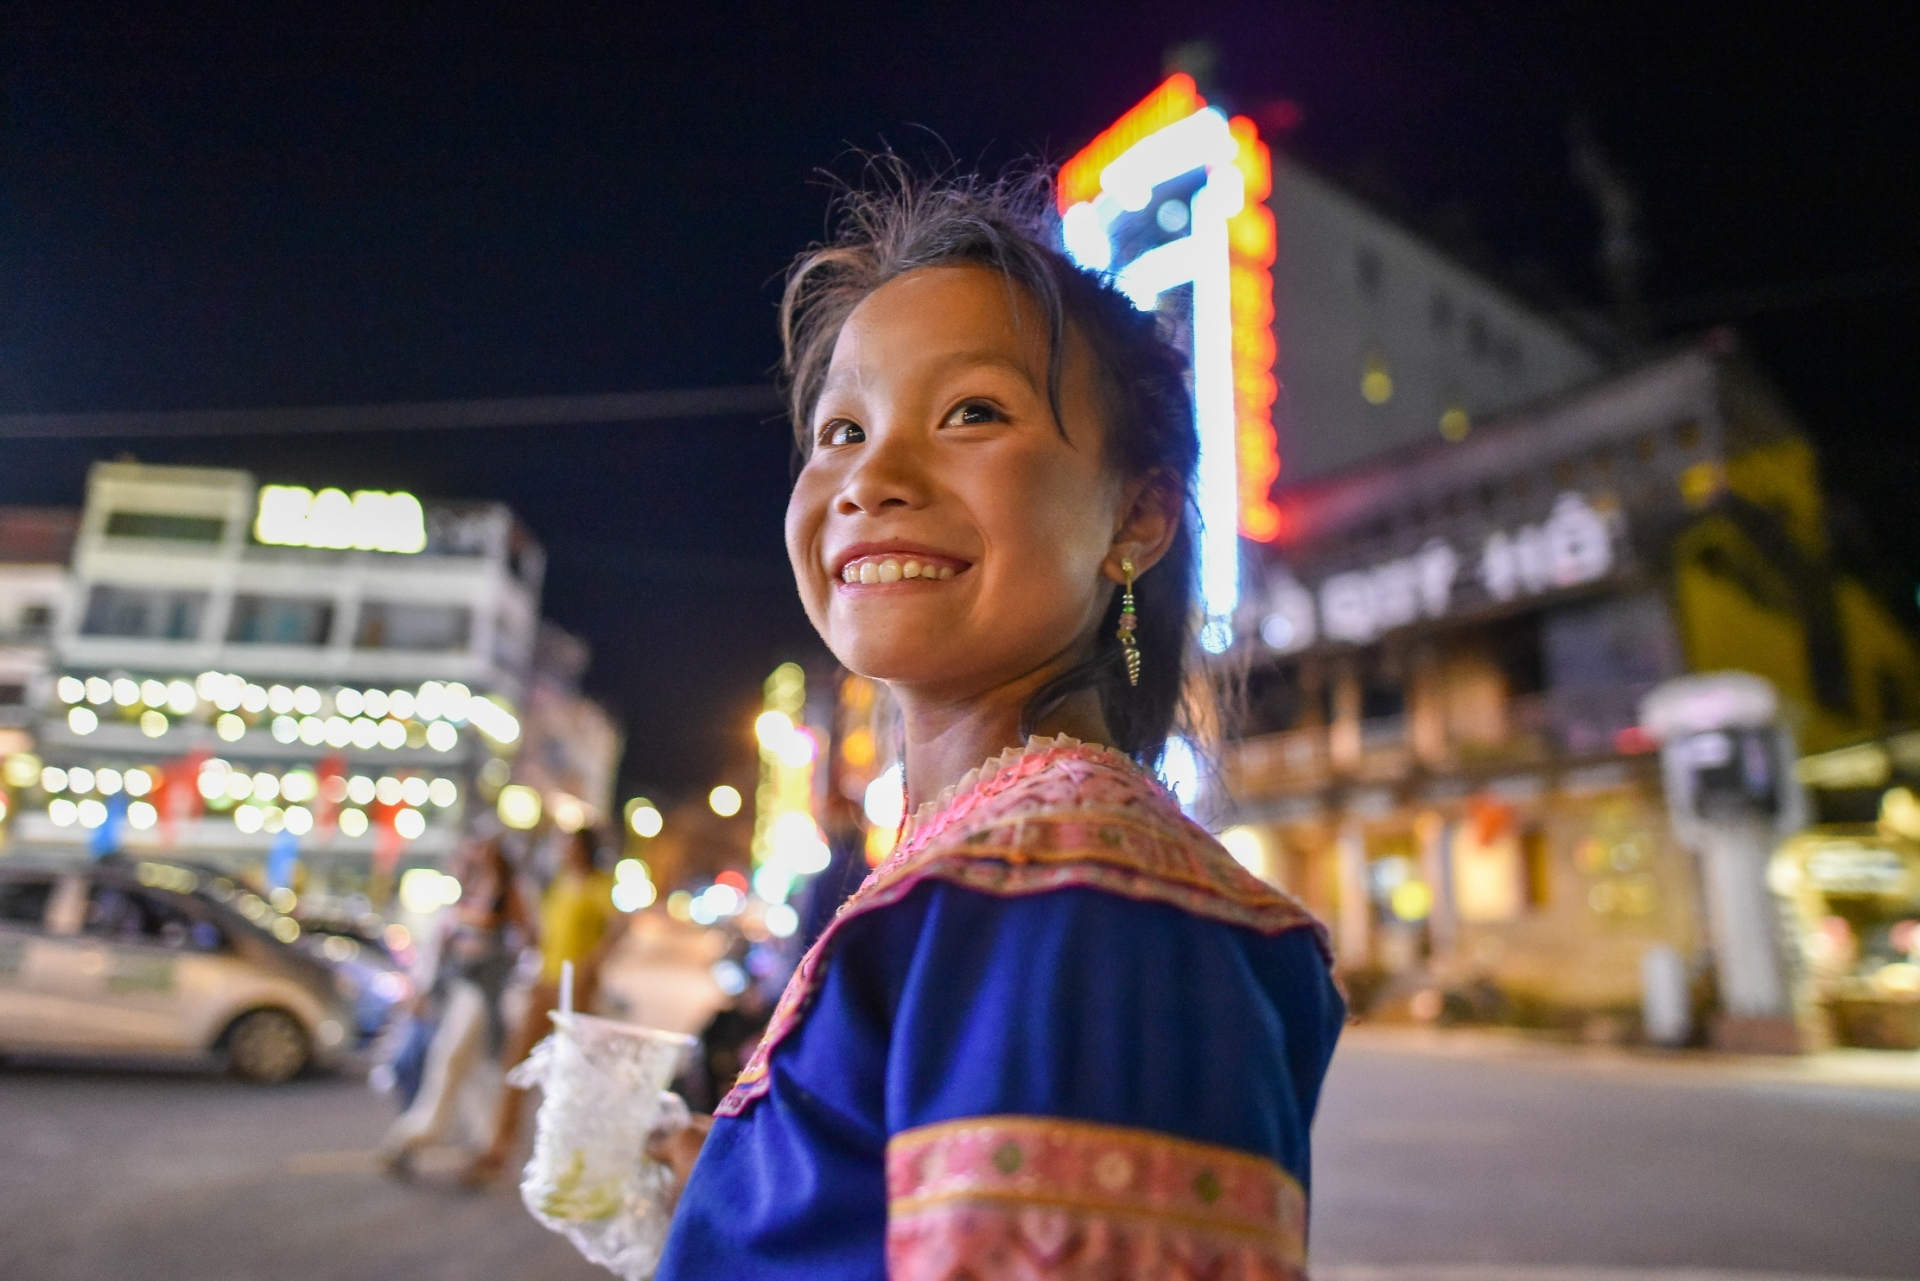 Innocent beauty of minority ethnic children in Northern Vietnam